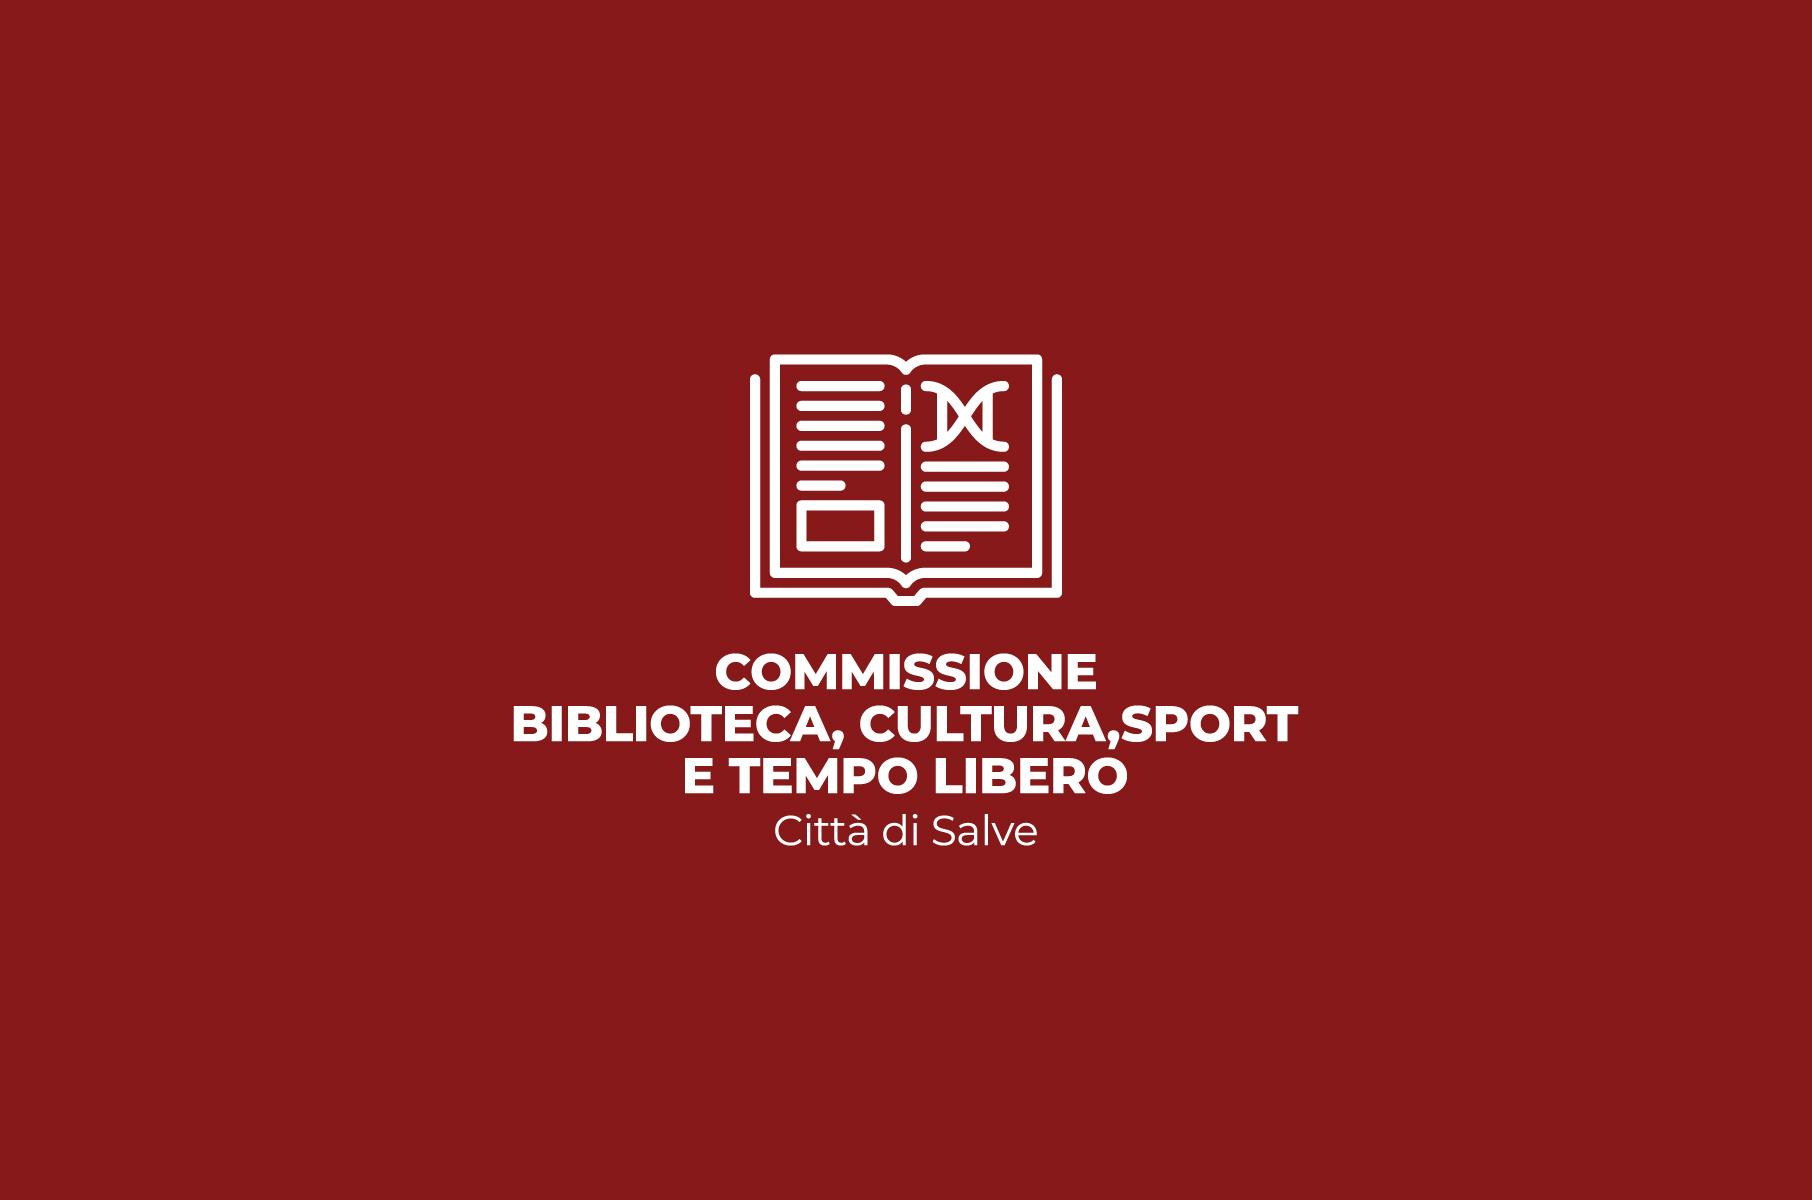 Commissione biblioteca, cultura, sport e tempo libero Comune di Salve